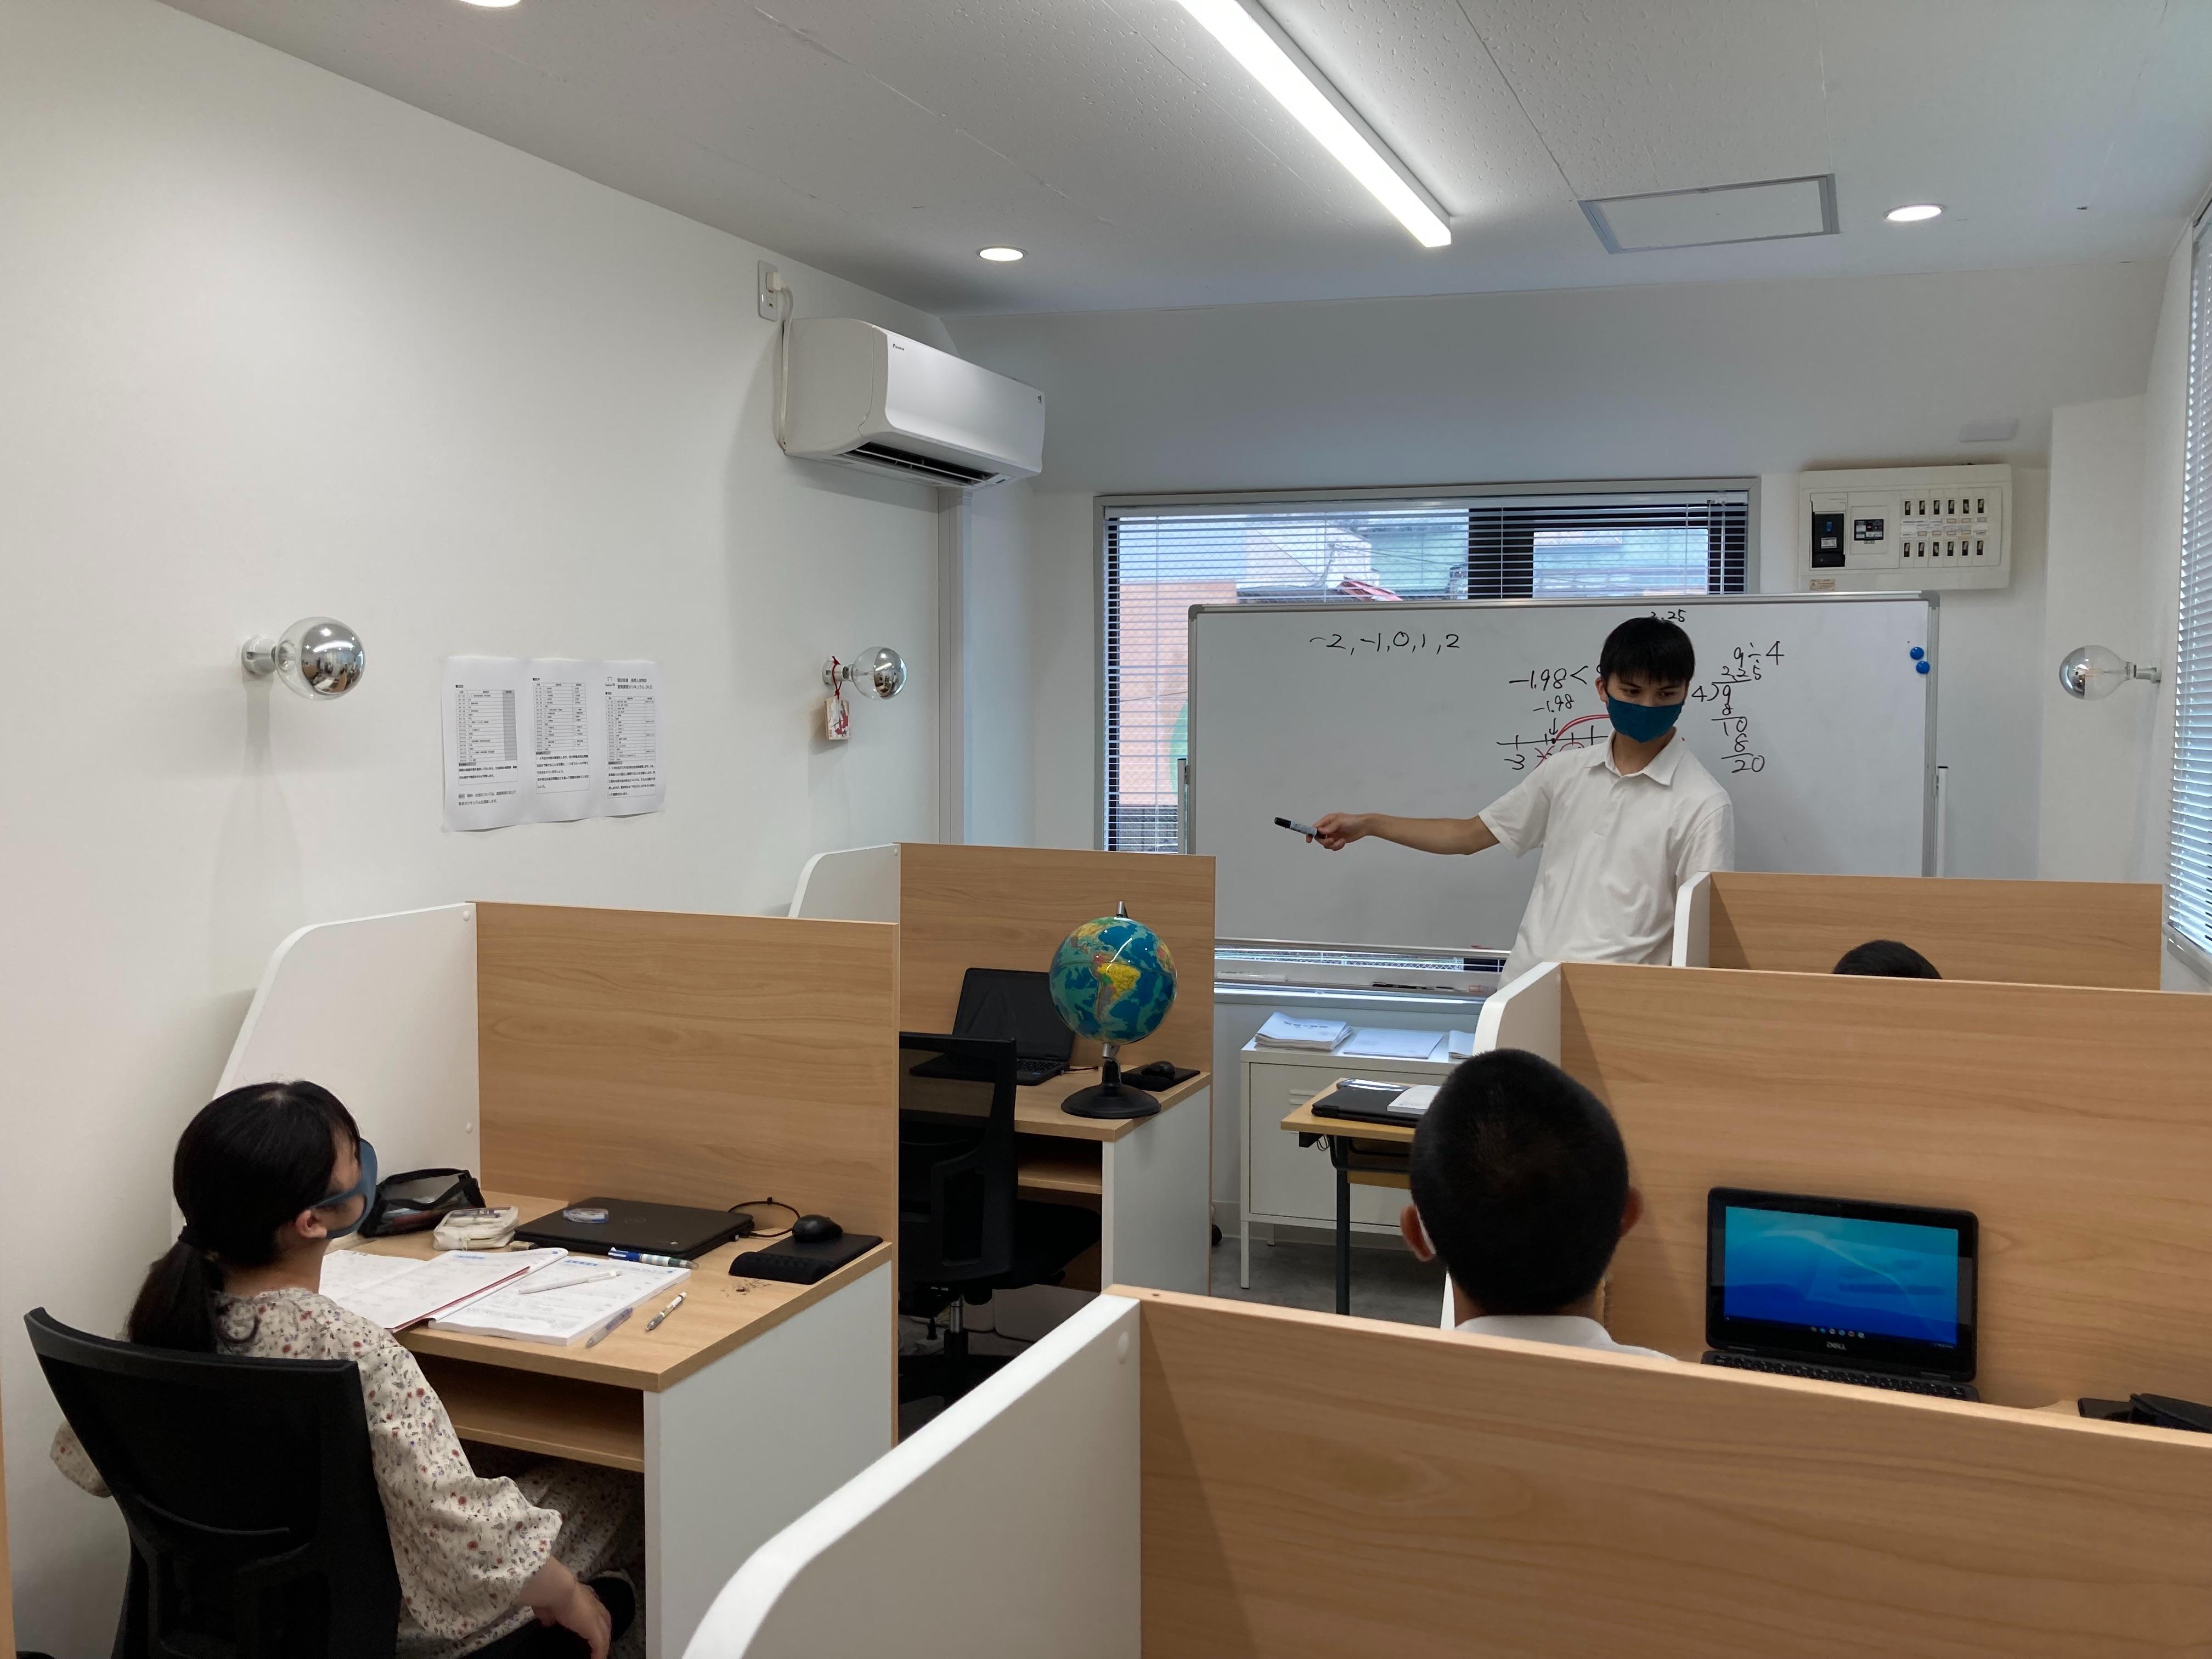 f:id:TeachforFUKUOKA:20210815002656j:image